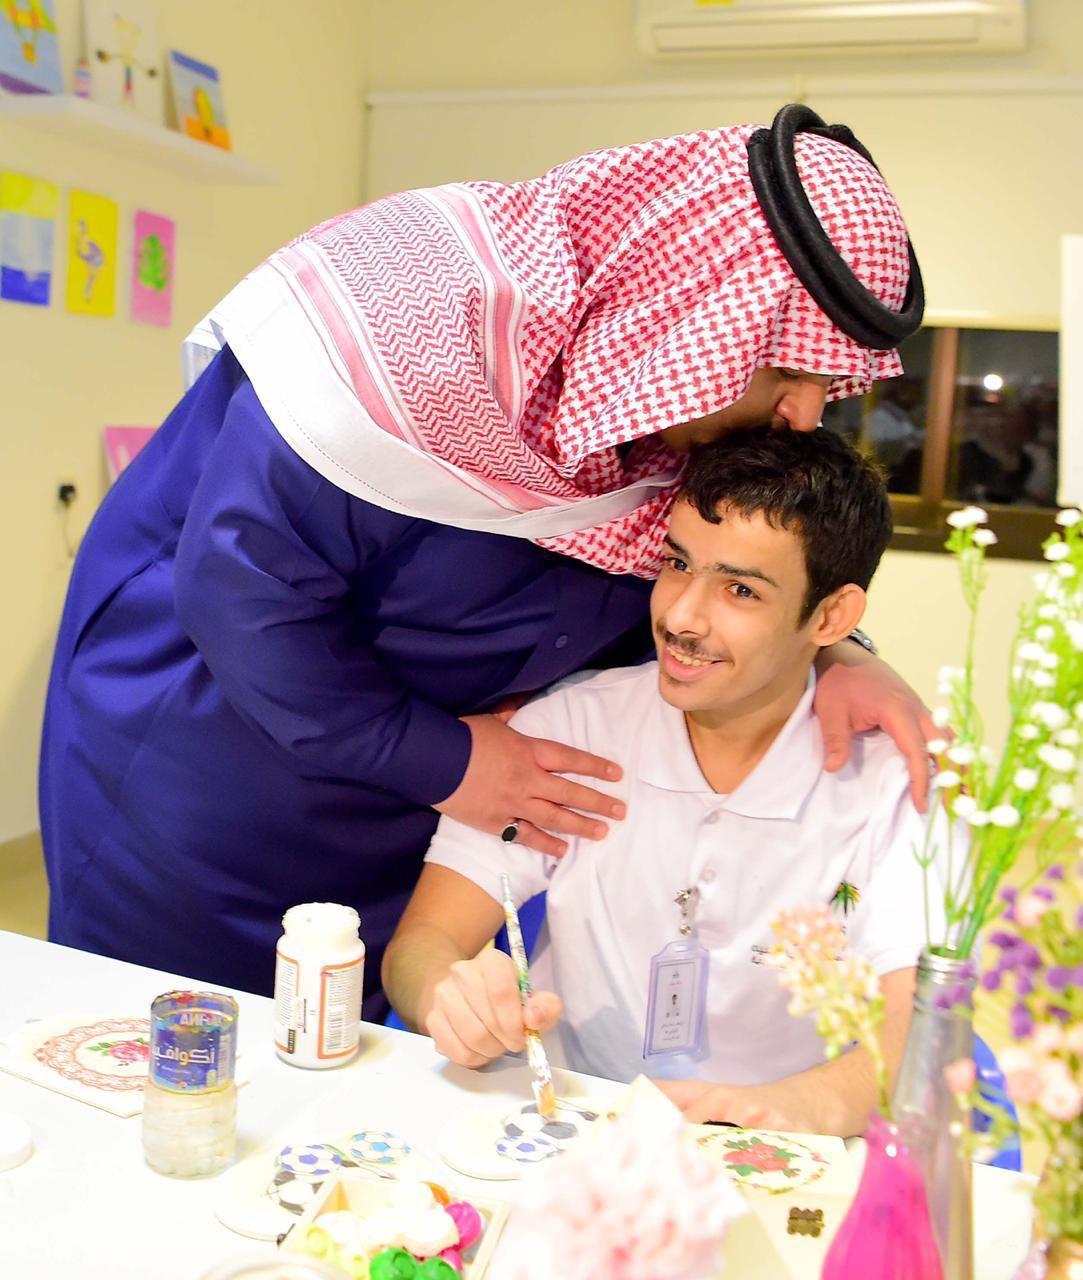 محمد بن عبدالرحمن يزور مركز رعاية حالات التوحد